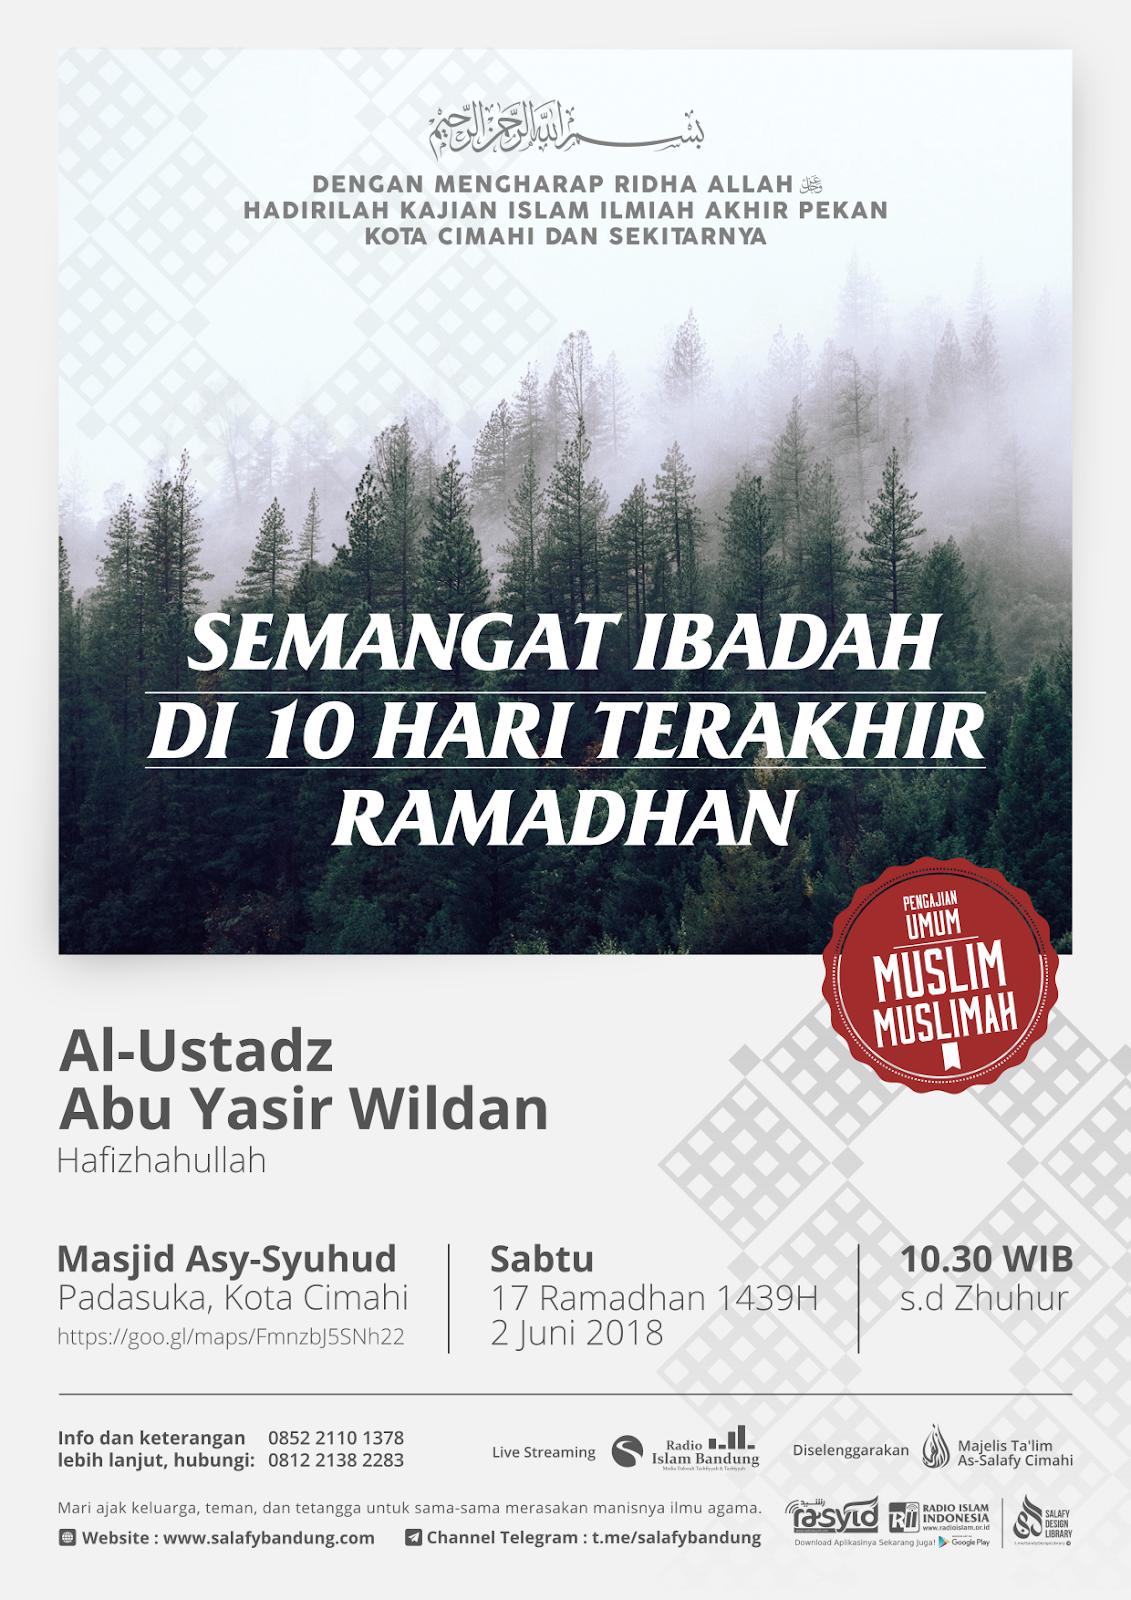 Kajian Masjid Agung Cimahi: Semangat Ibadah di 10 Hari Terakhir Ramadhan